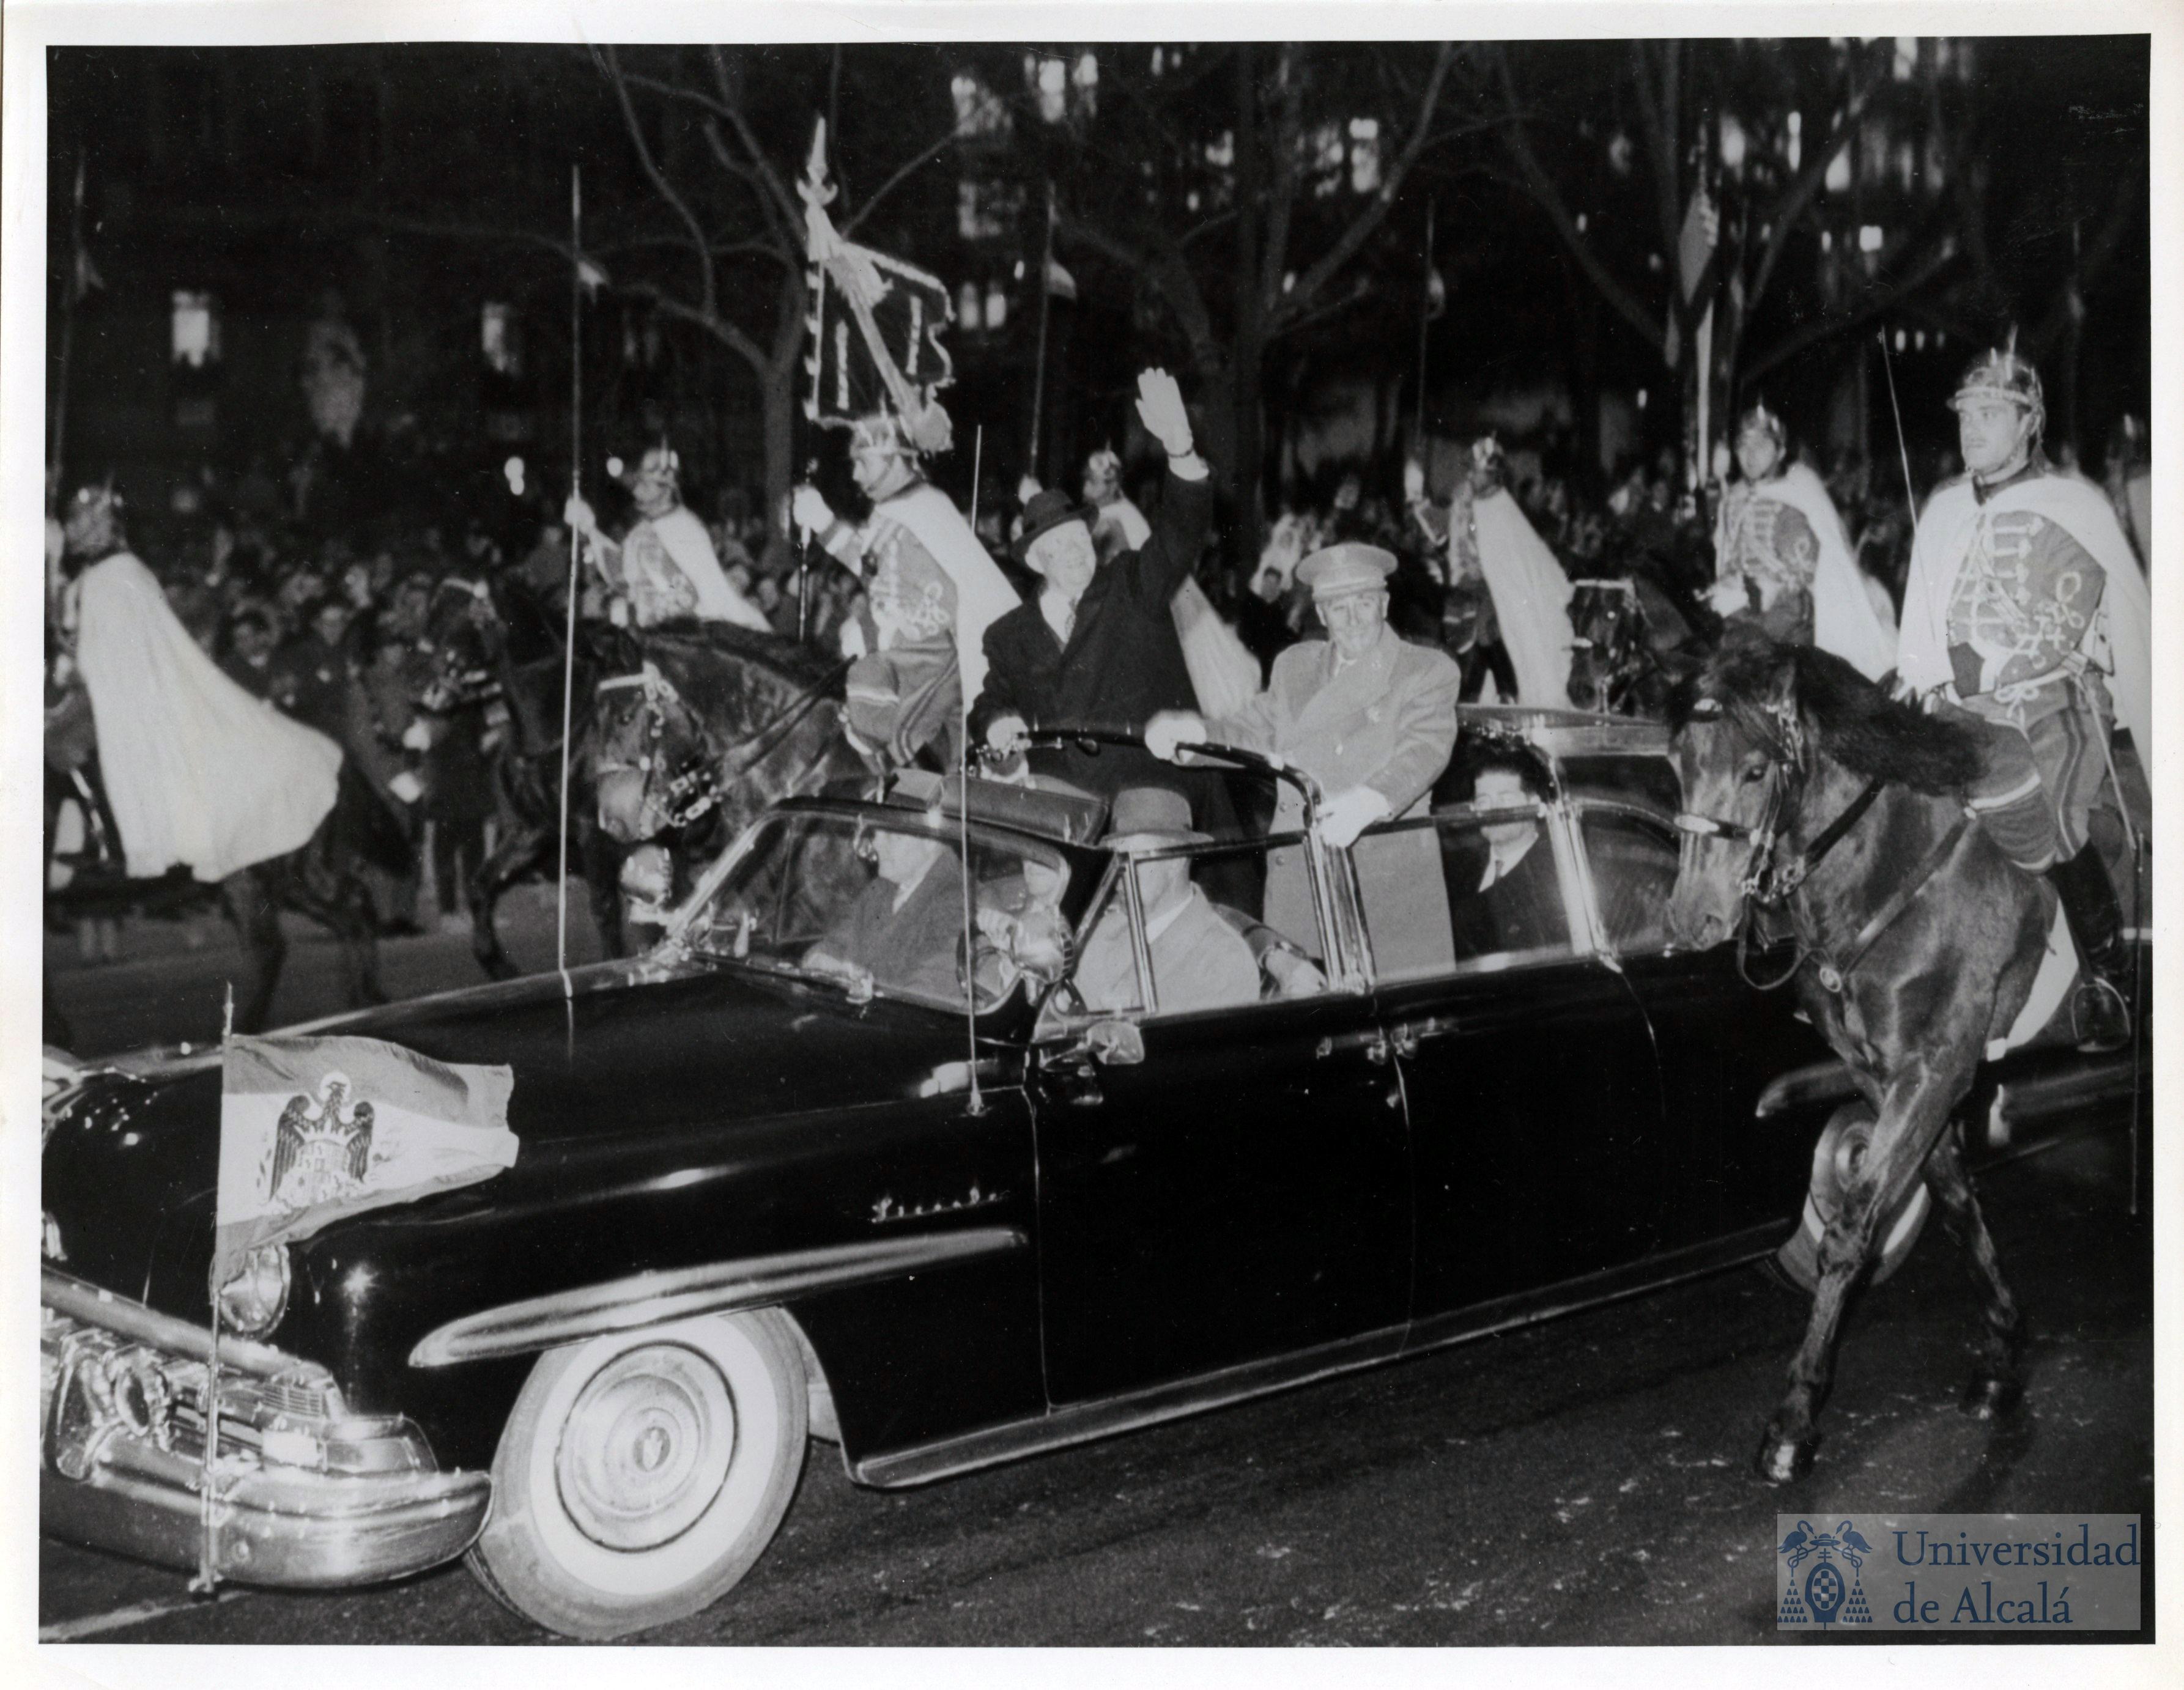 Los dos jefes de Estado de pie en el coche que les llevó por el Paseo de la Castellana escoltados por la guardia de honor a caballo